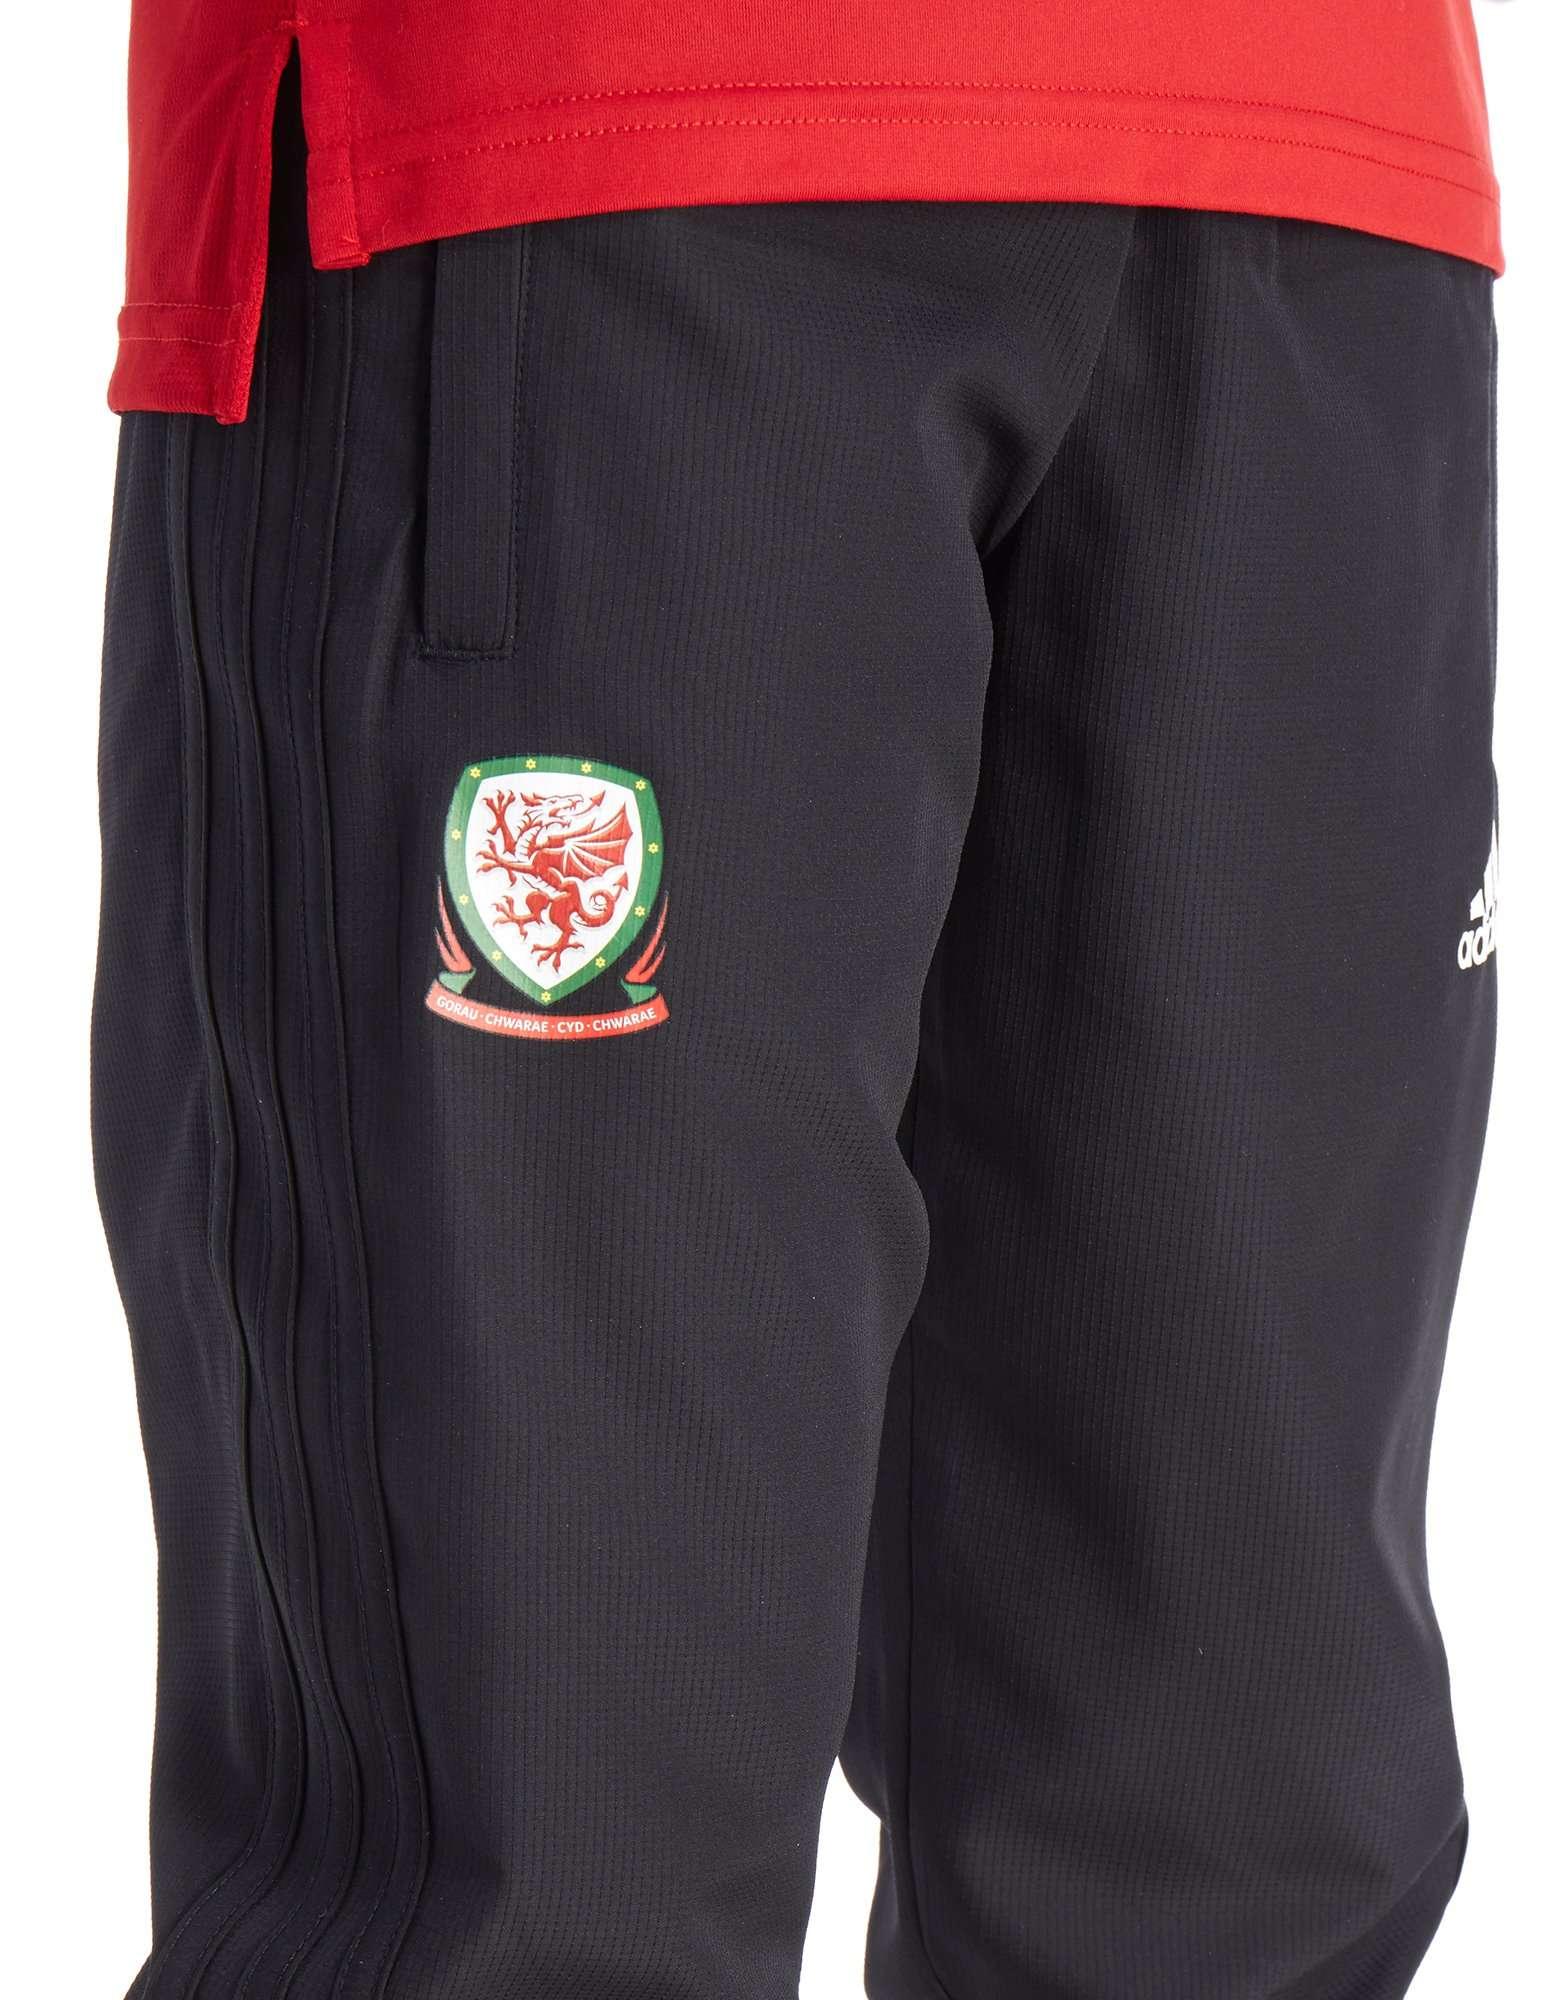 adidas FA Wales 2018/19 Woven Pants Junior